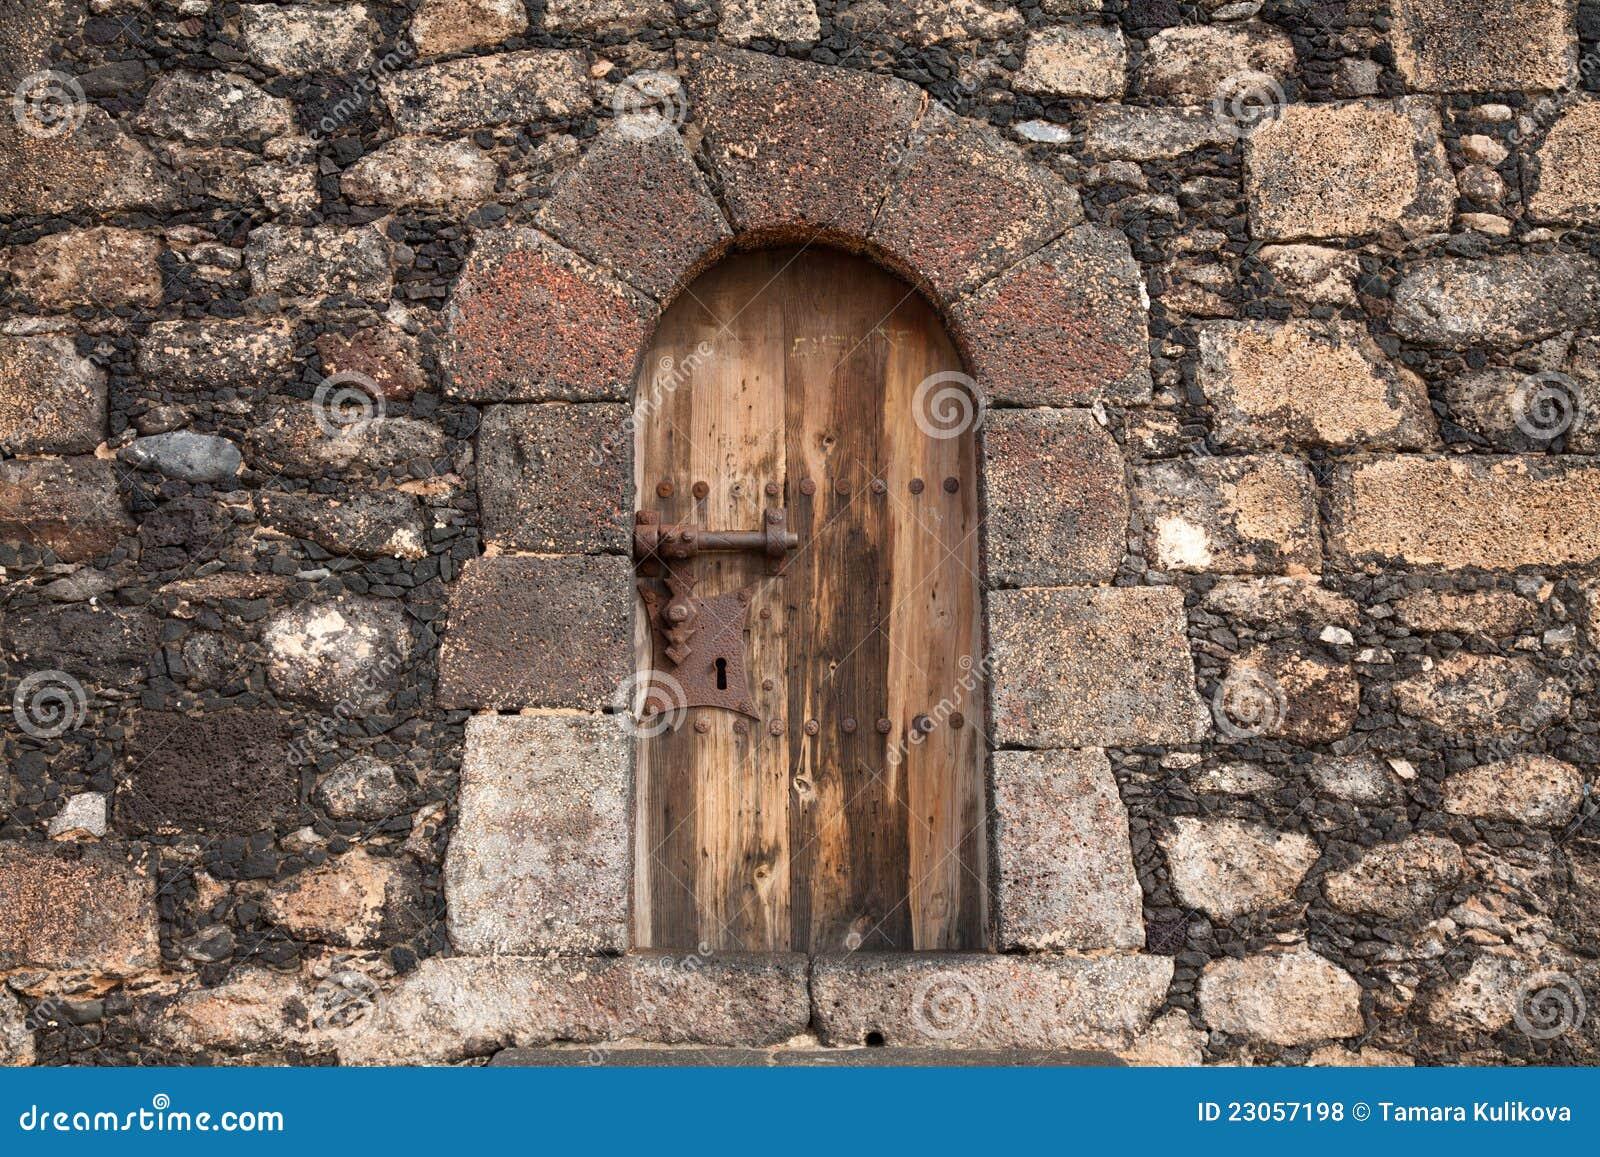 Geschlossene tür zeichnung  Sehr Geschlossene Tür Lizenzfreie Stockfotos - Bild: 23057198